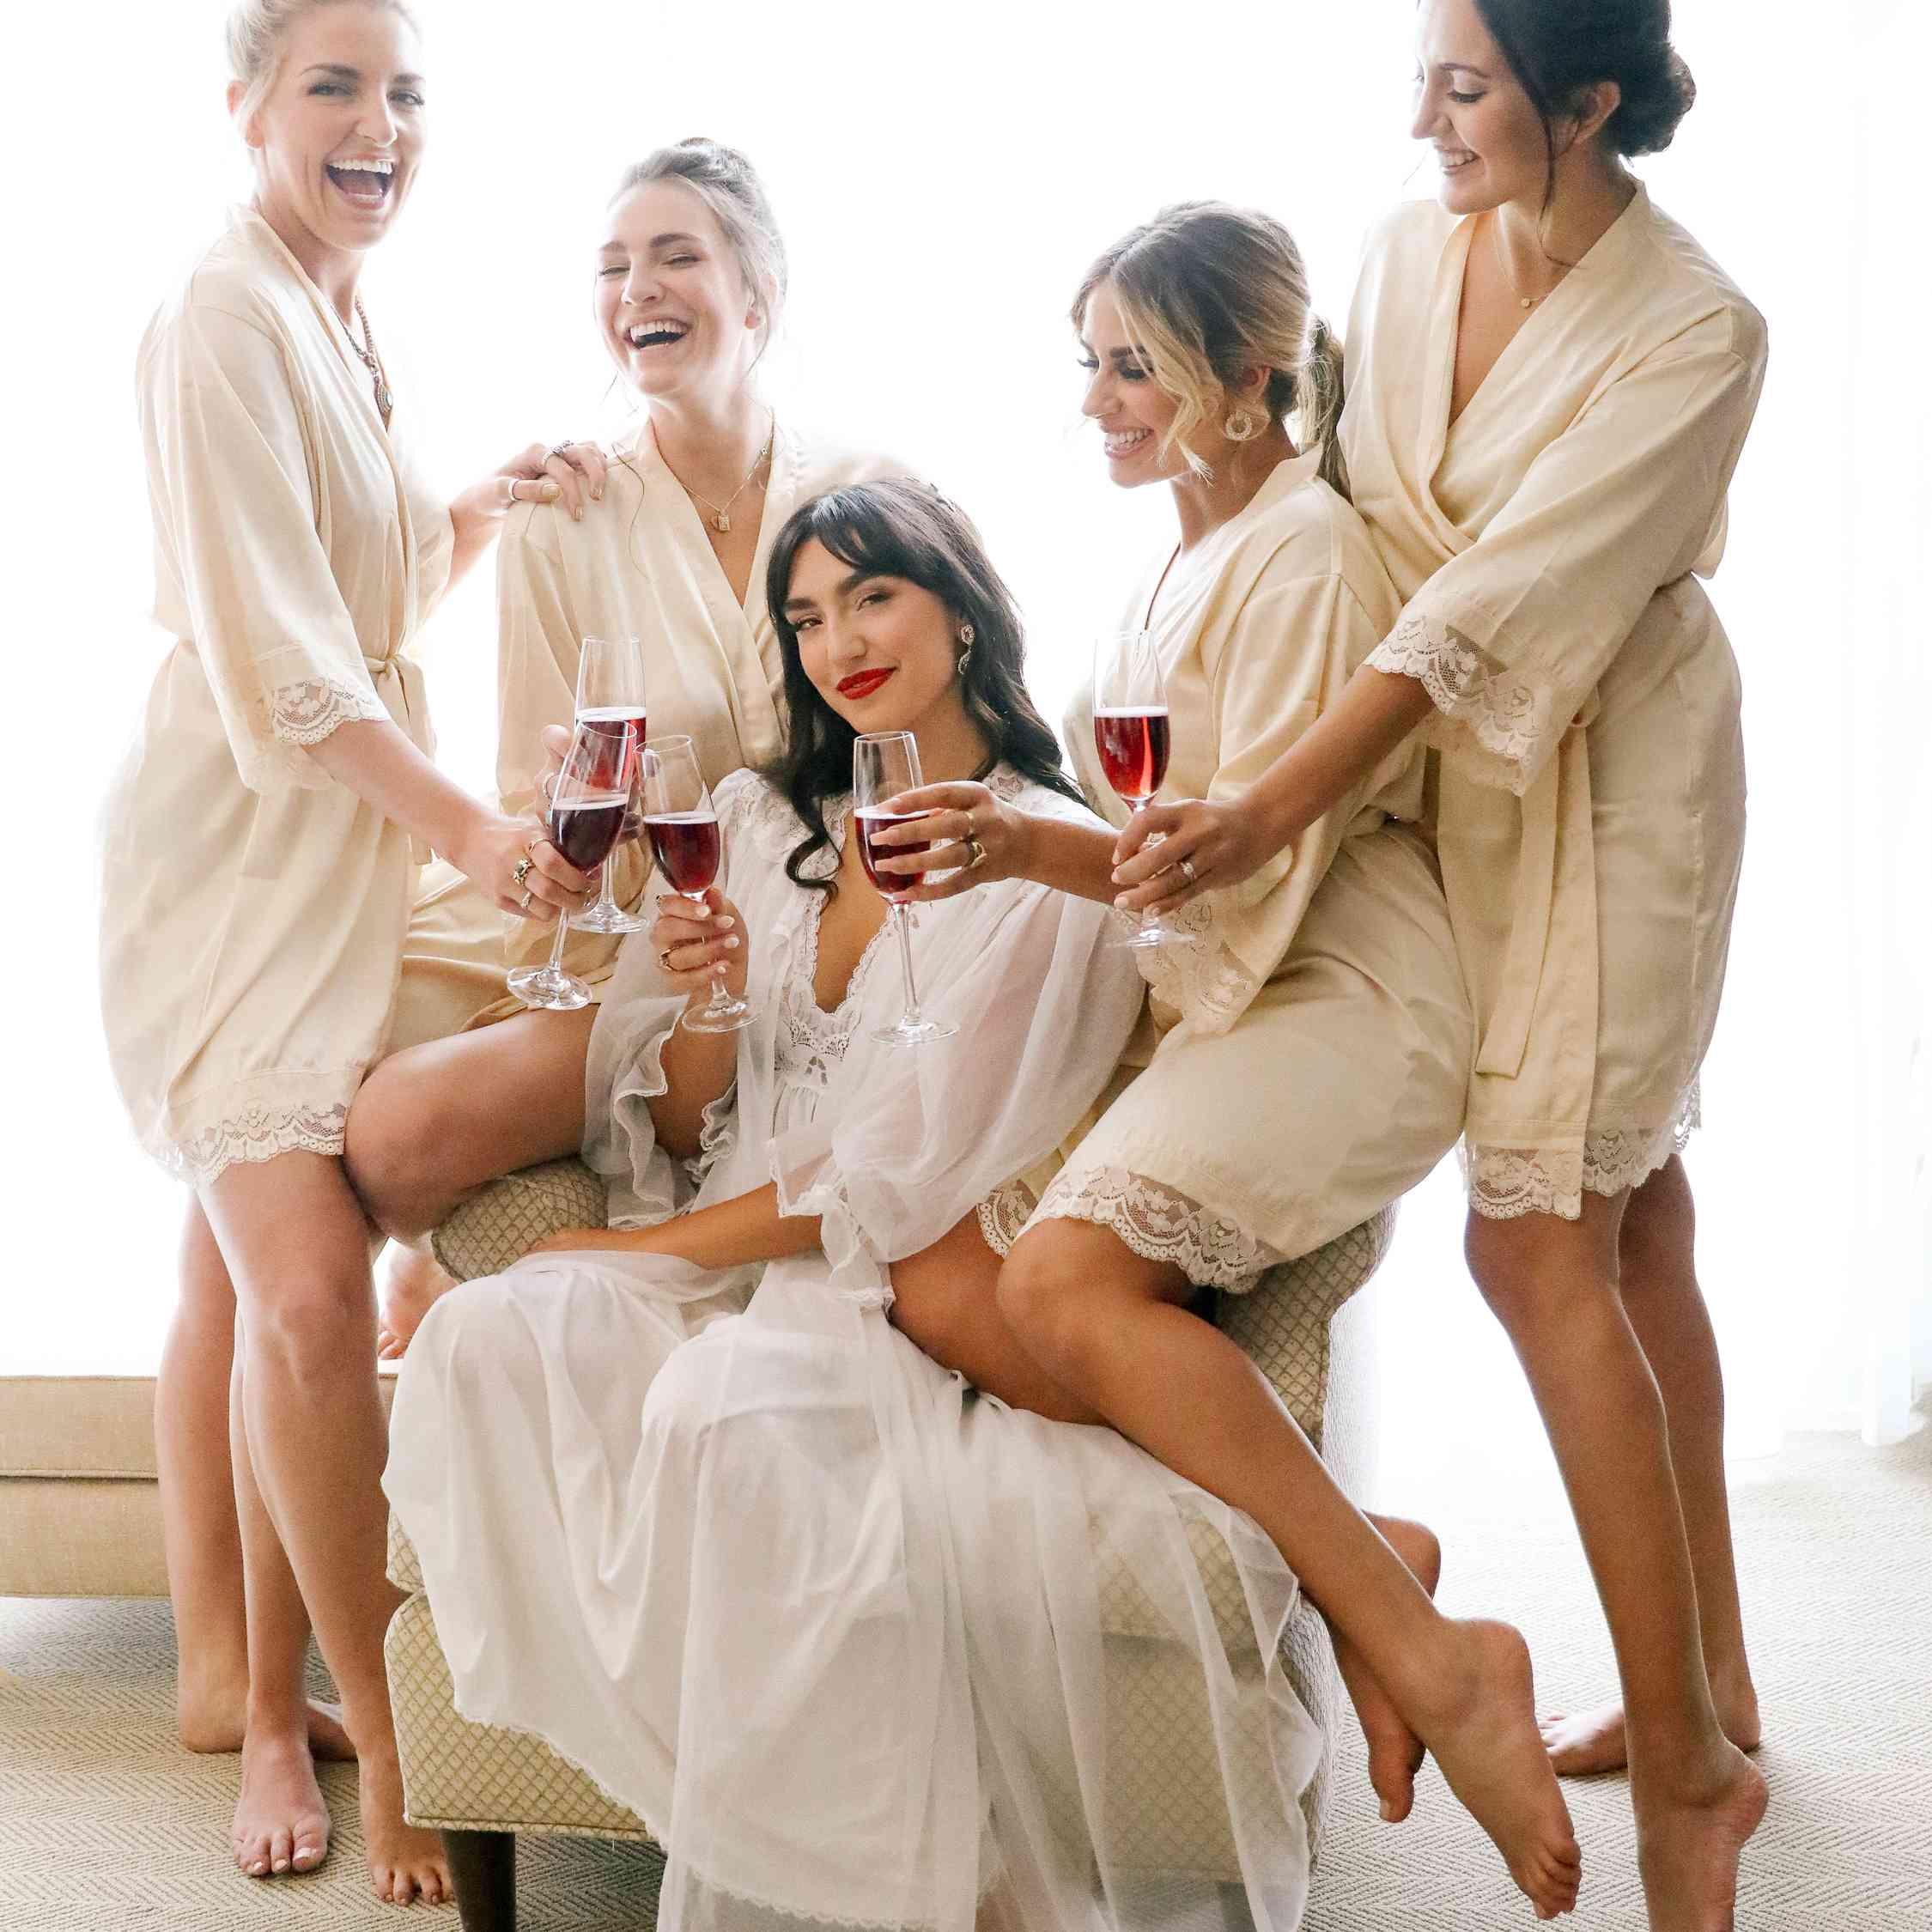 savannah and riker wedding, bridesmaids